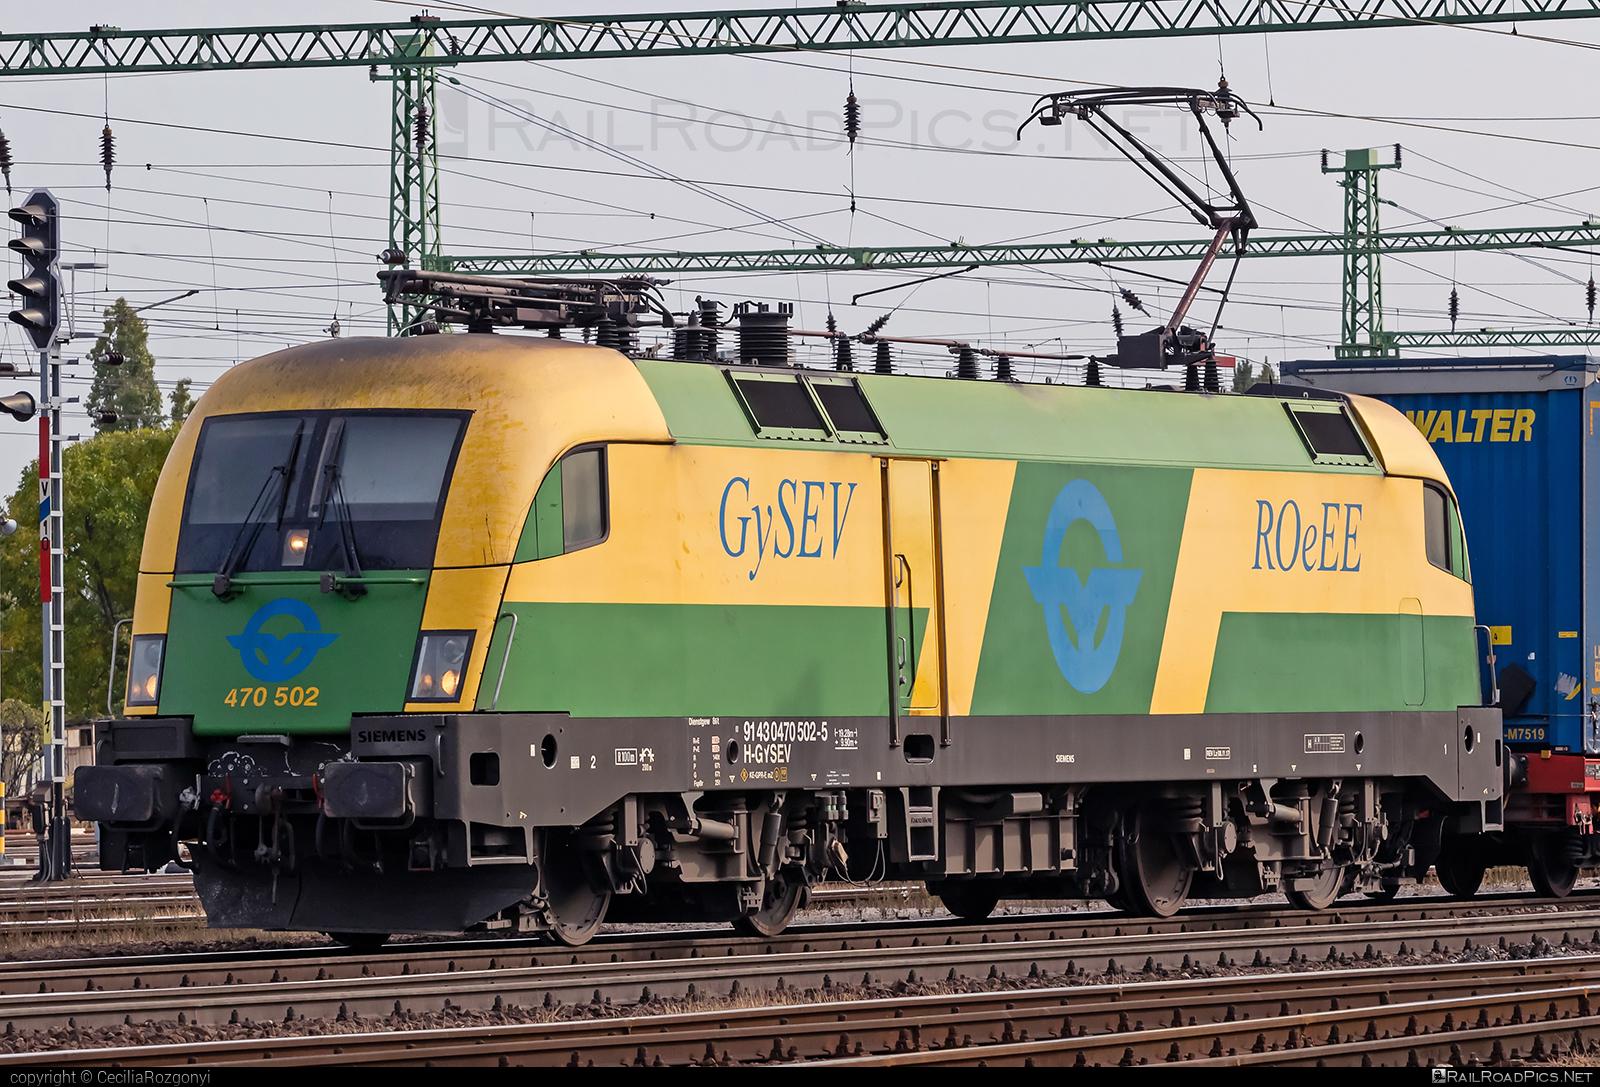 Siemens ES 64 U2 - 470 502 operated by GYSEV - Györ-Sopron-Ebenfurti Vasut Részvénytarsasag #es64 #es64u #es64u2 #eurosprinter #gyorsopronebenfurtivasutreszvenytarsasag #gysev #roeee #siemens #siemenses64 #siemenses64u #siemenses64u2 #siemenstaurus #tauruslocomotive